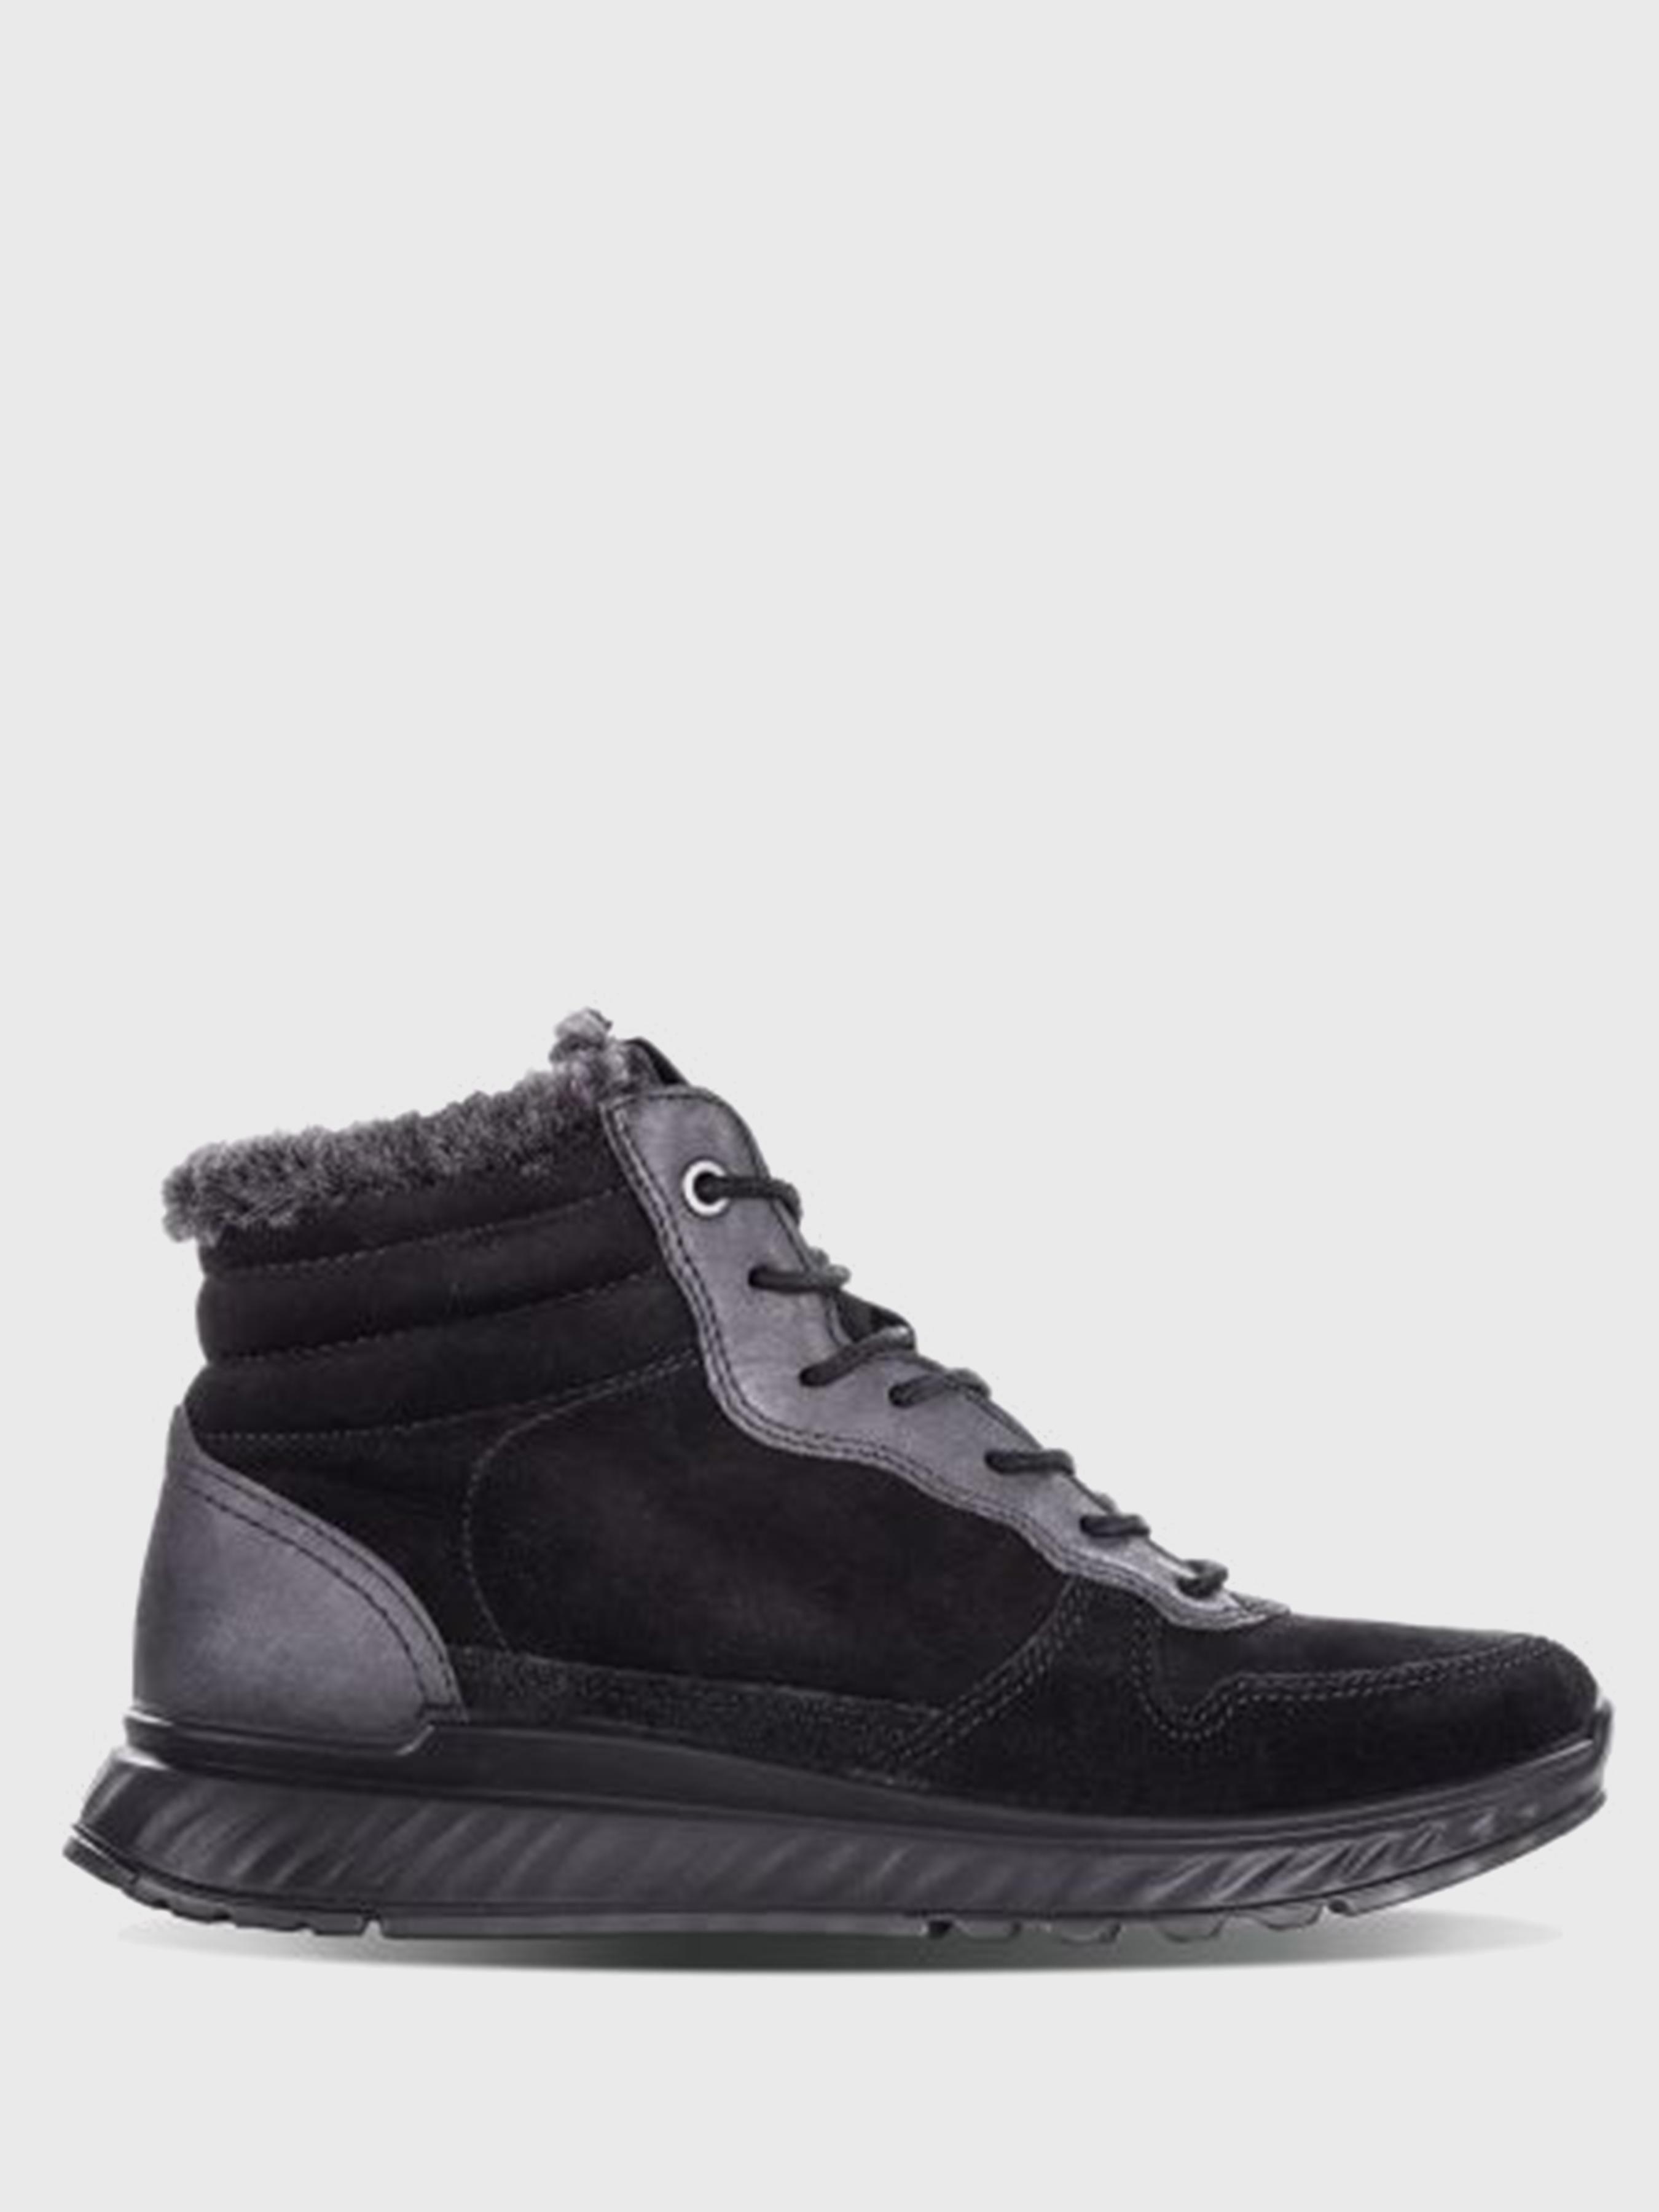 Купить Ботинки женские ECCO ST1 WOMEN'S ZW6075, Черный